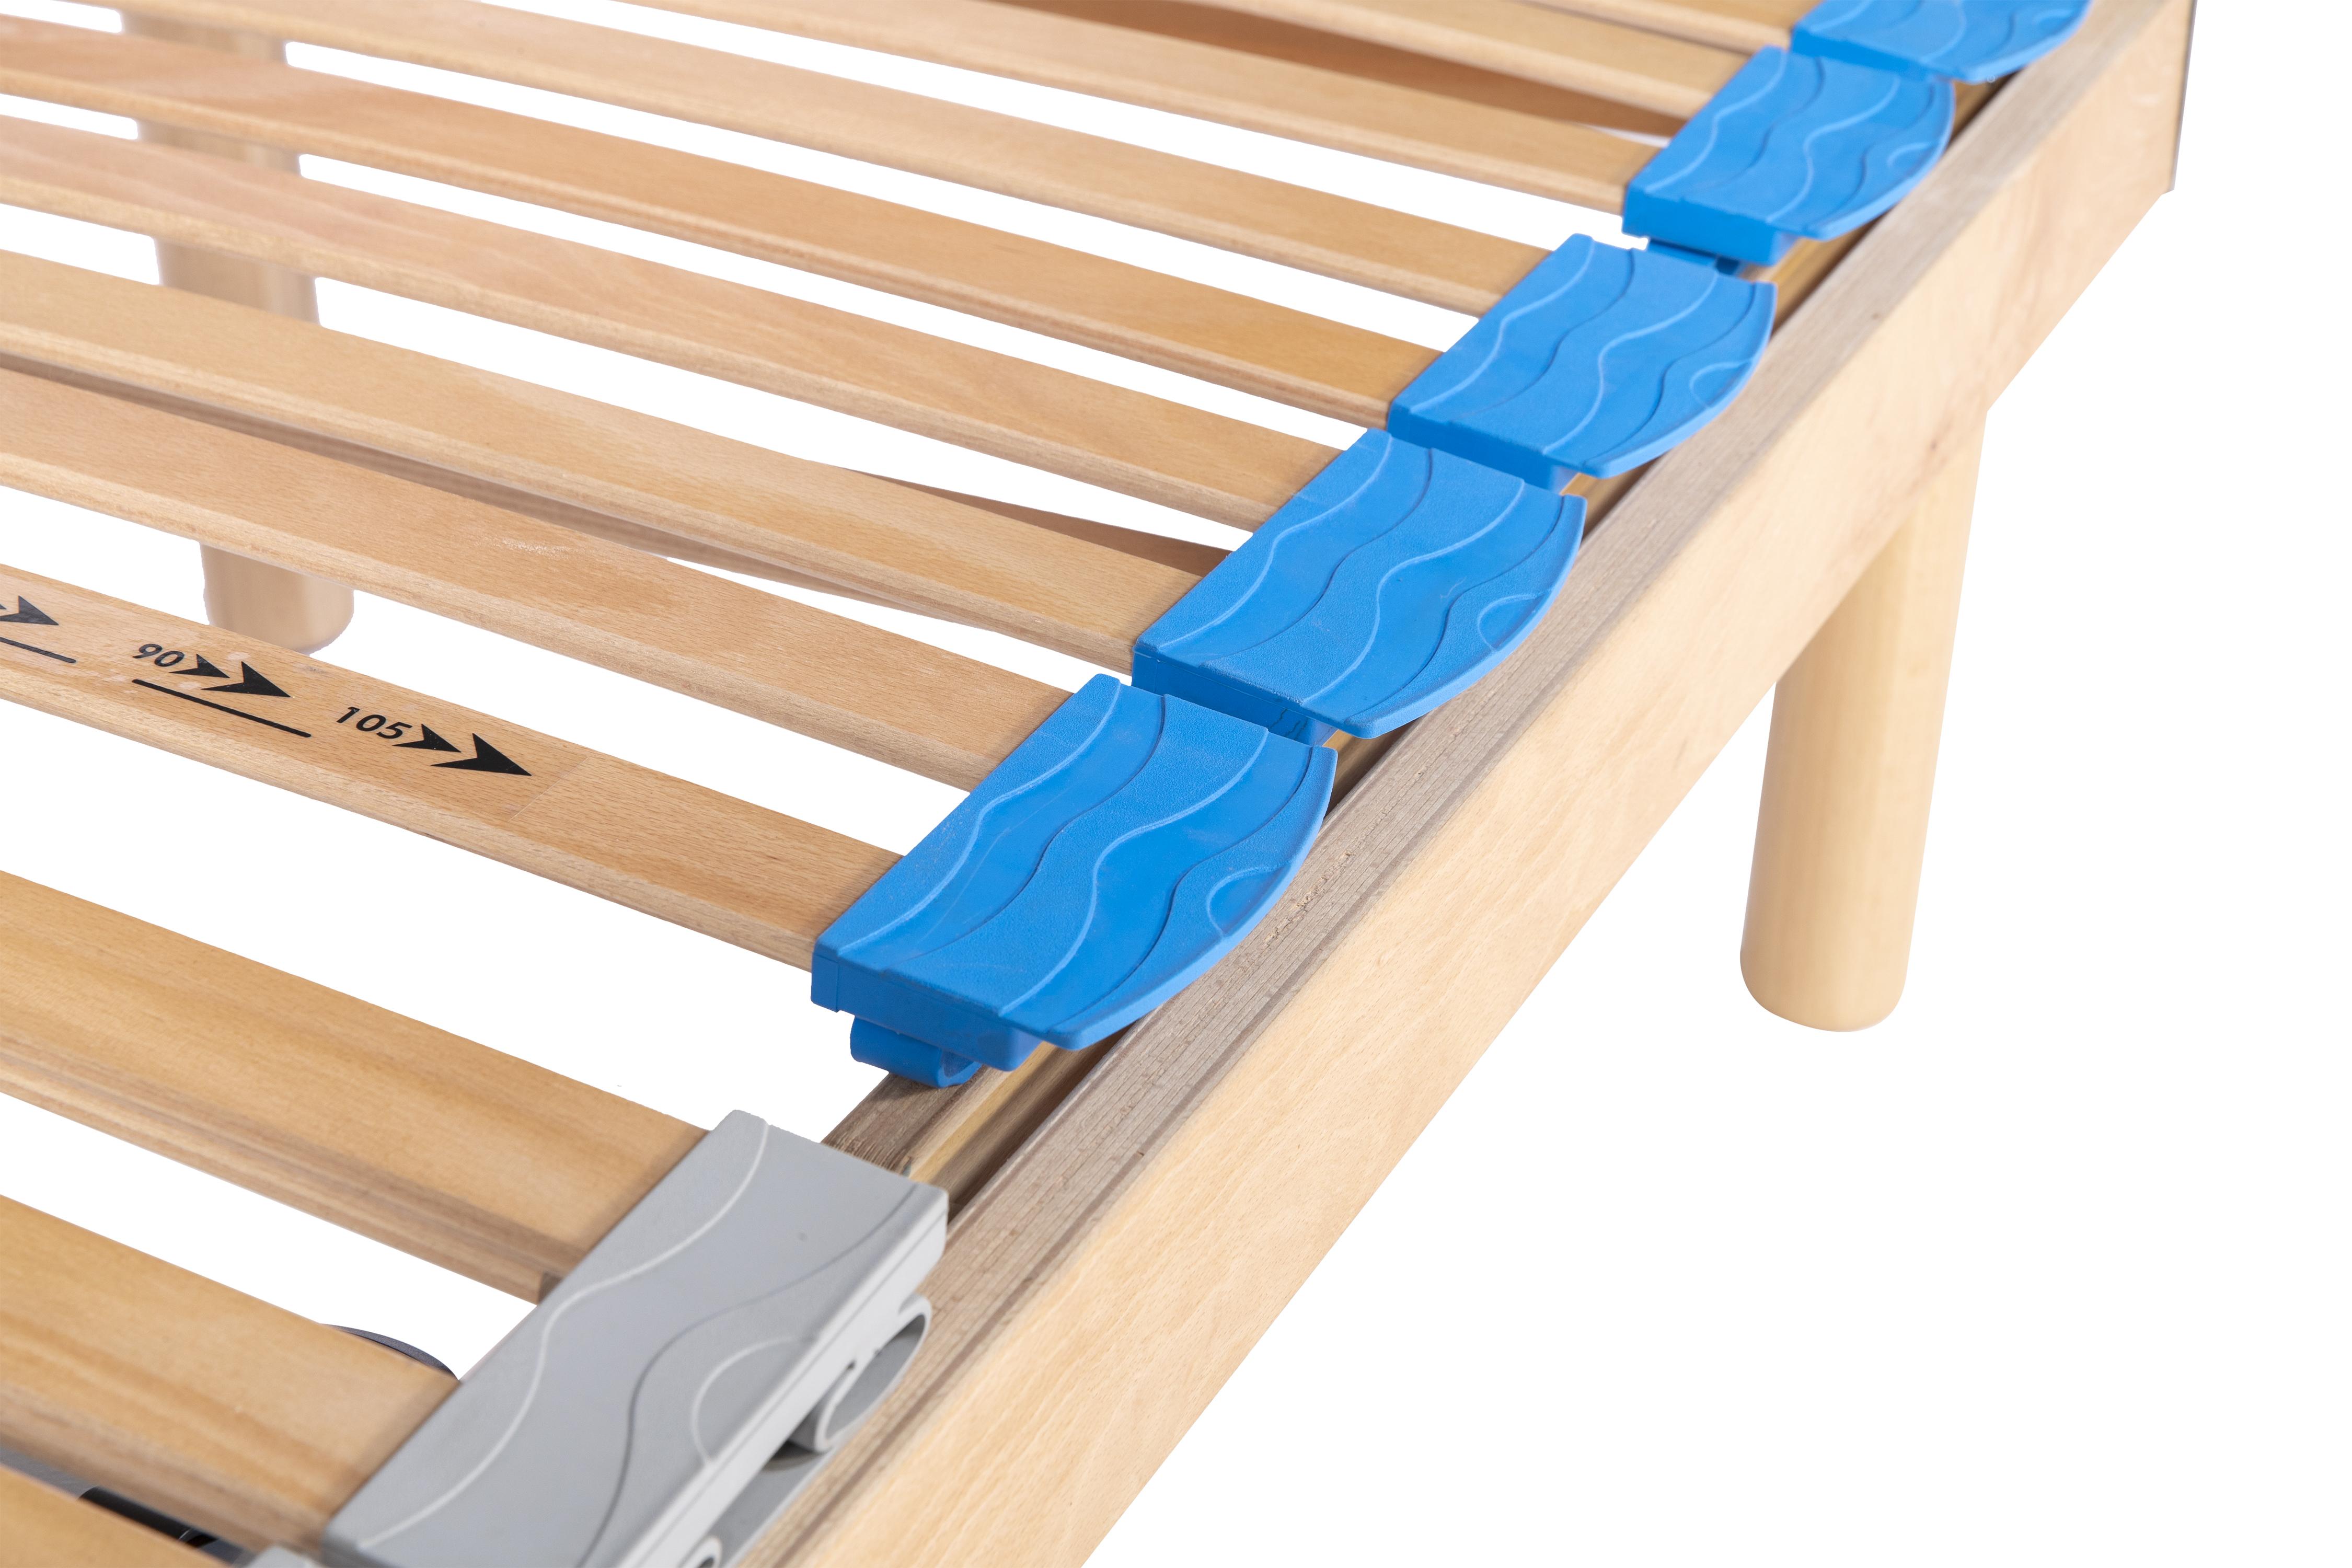 Rete a doghe in legno di faggio fissa ortopedica sanitaria marte